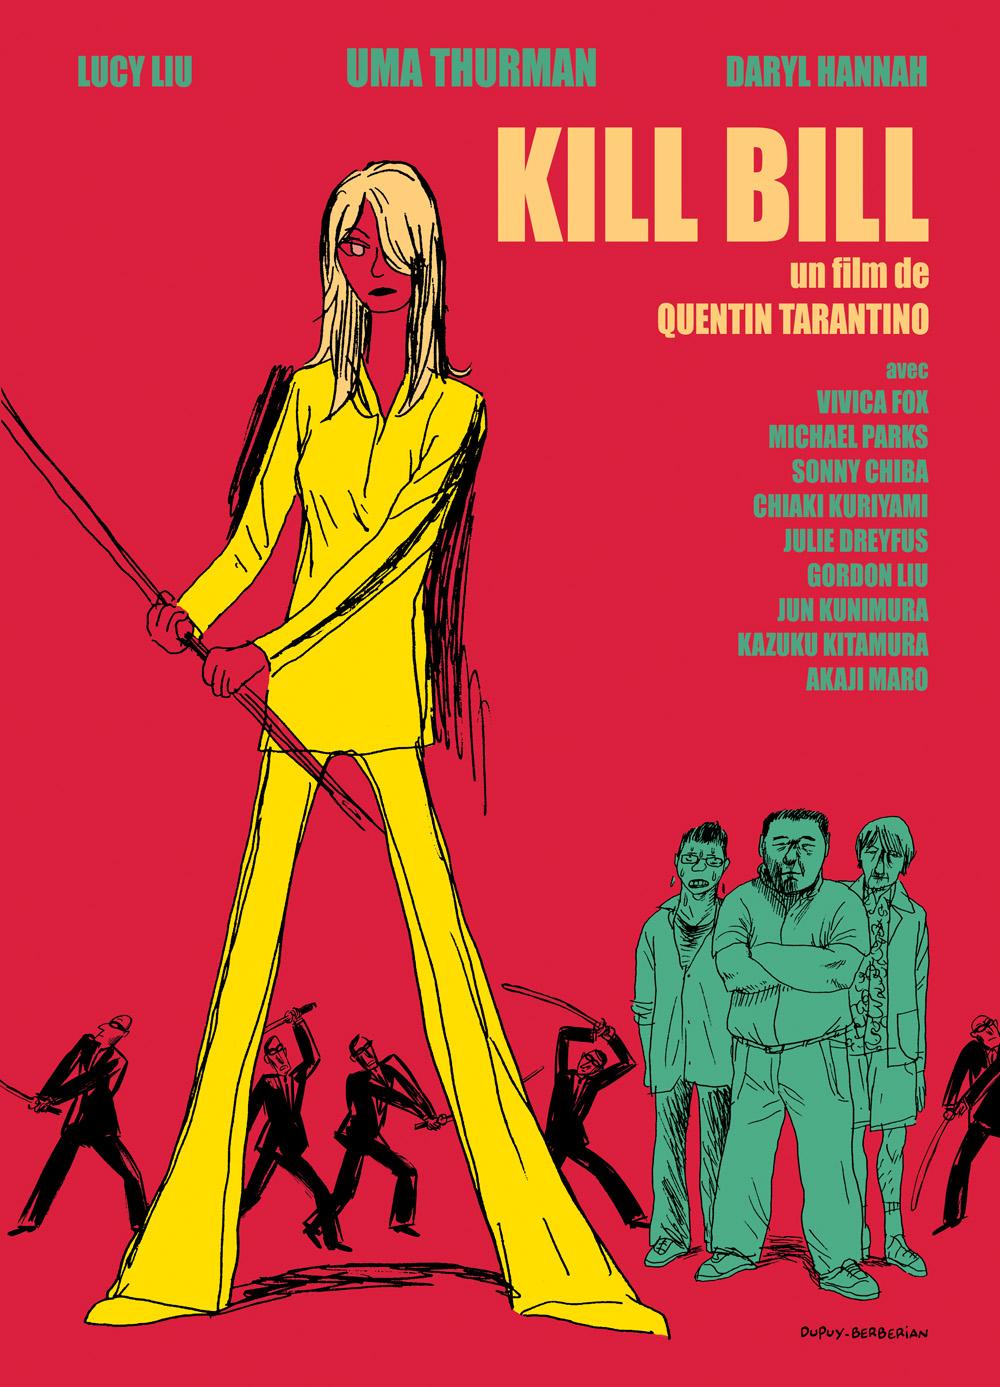 https://i1.wp.com/www.duber.net/images/cinema/hommage/Kill%20Bill.jpg